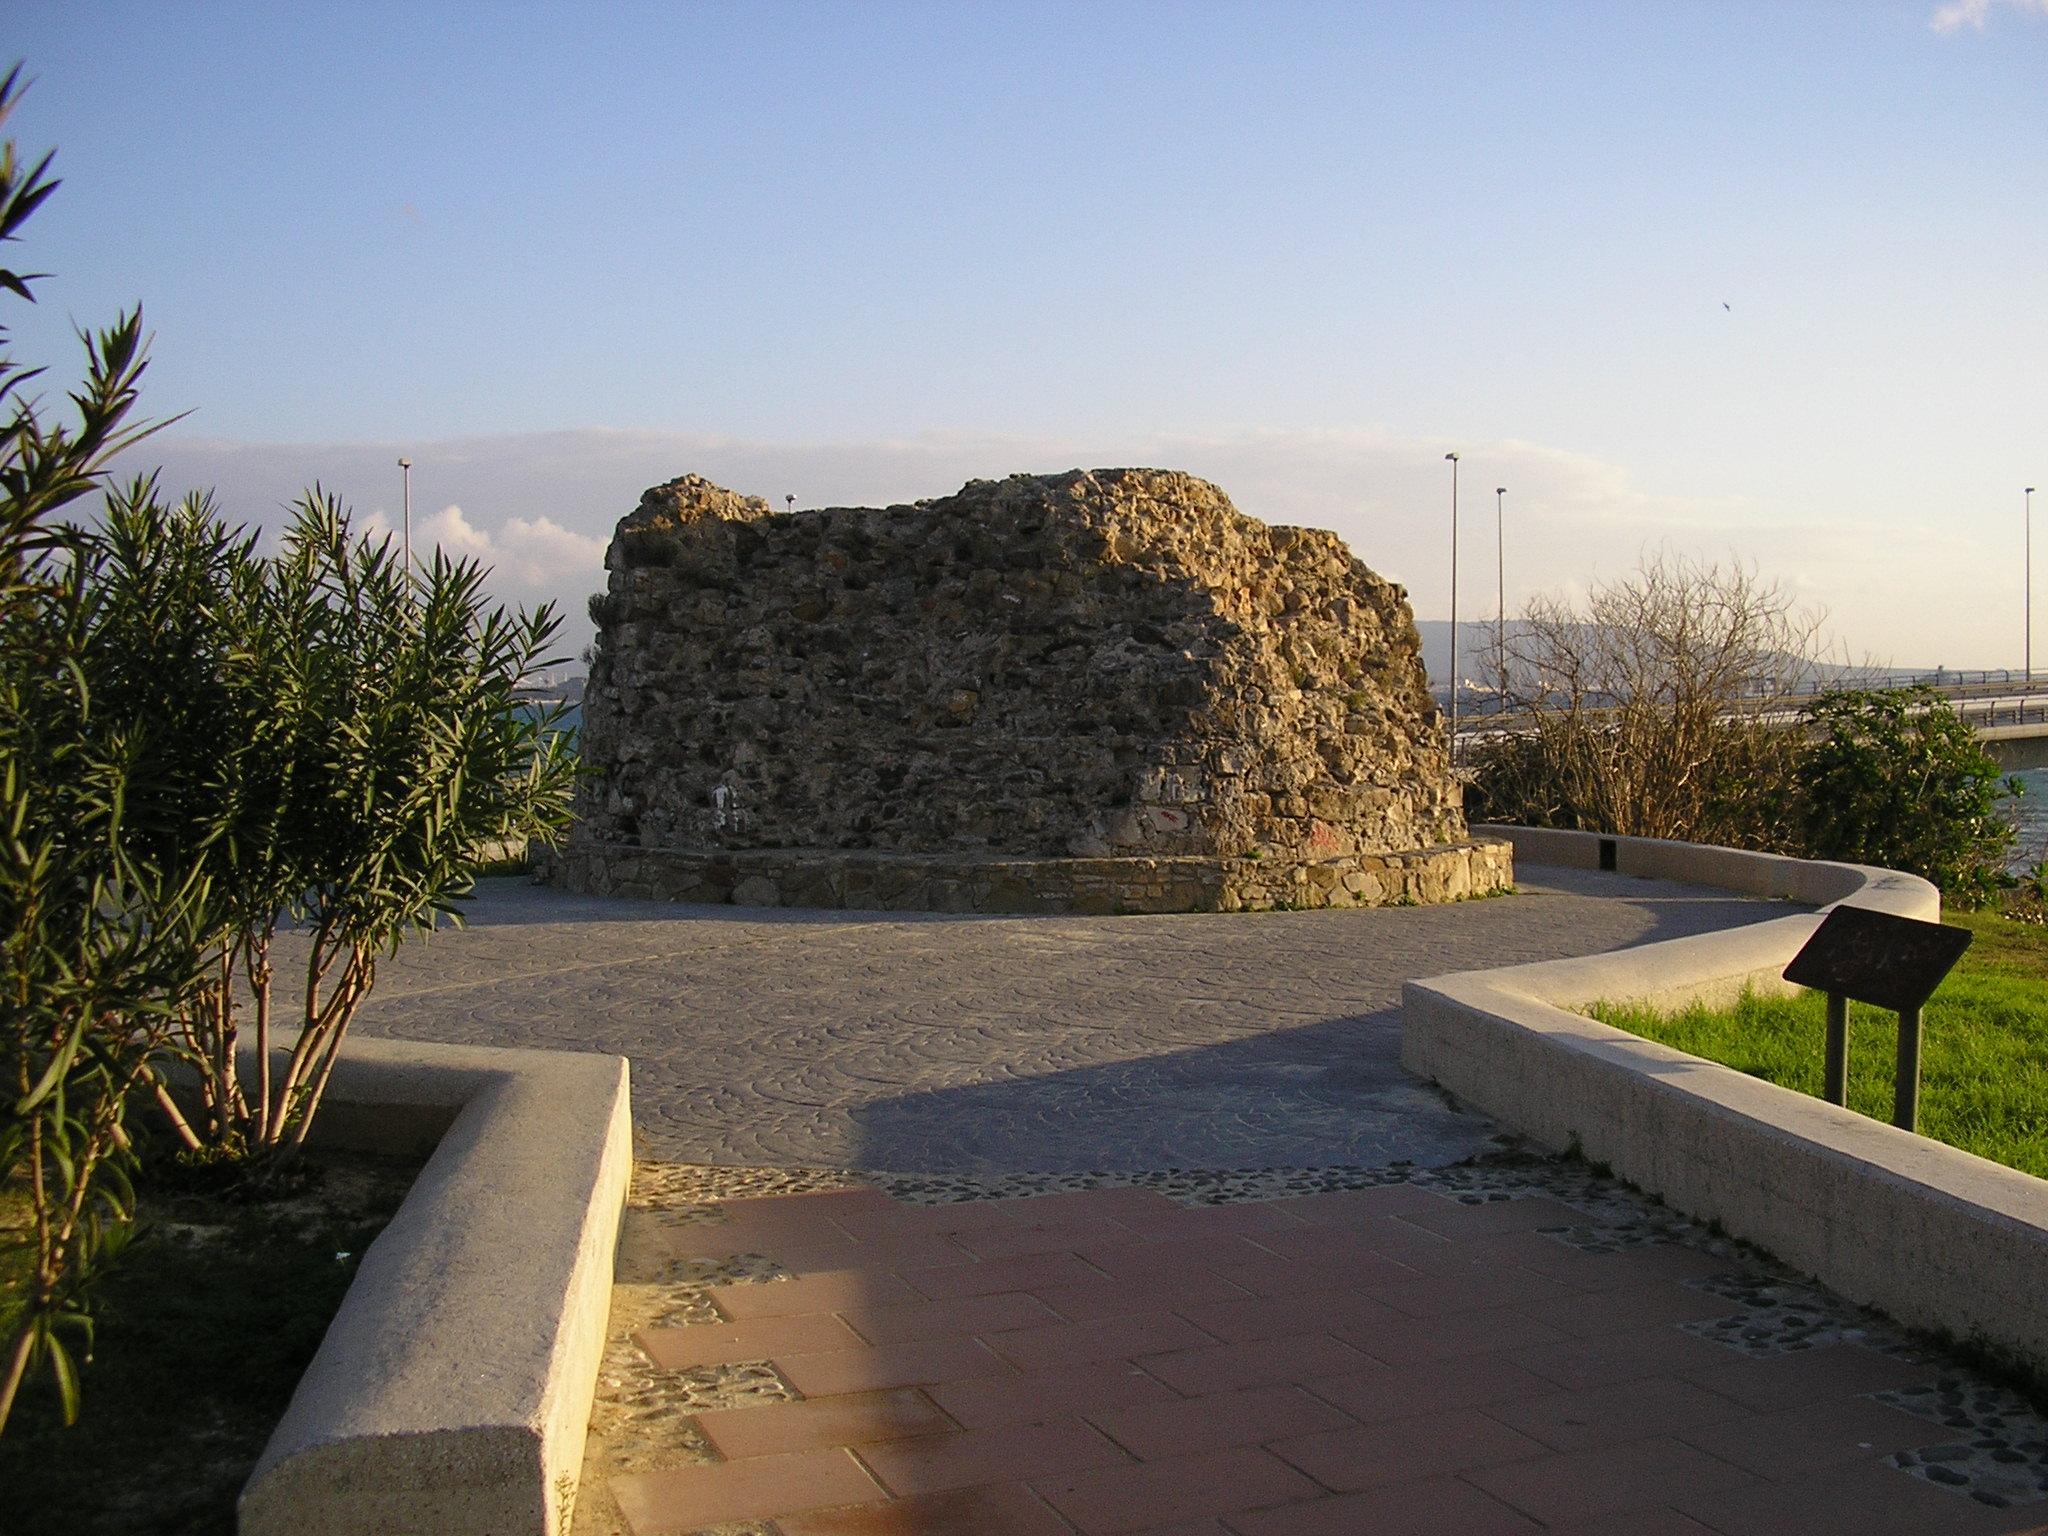 Depiction of Torre del Almirante